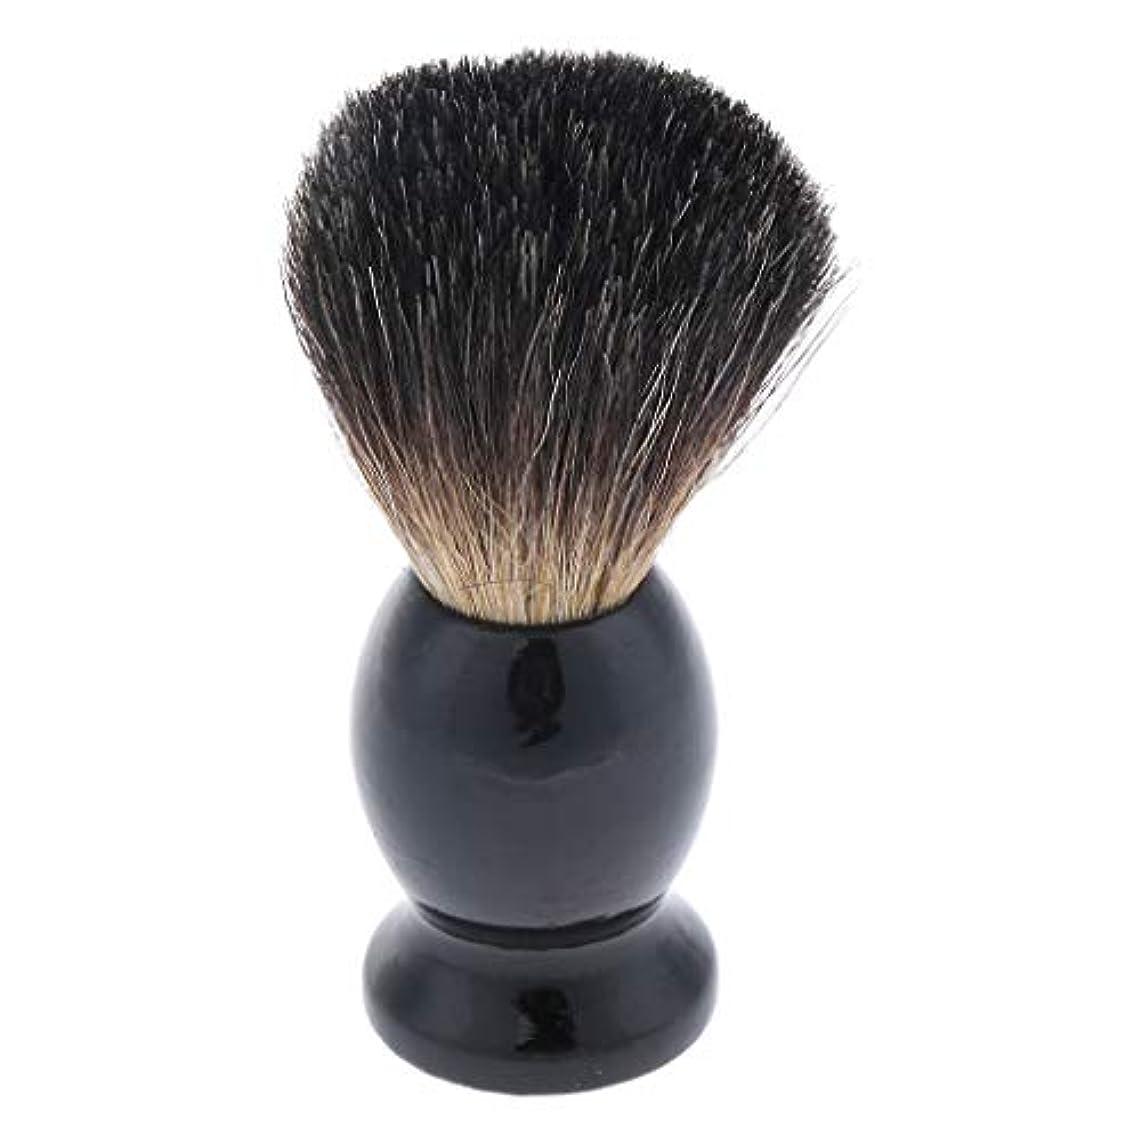 スラッシュベーシックガラスメンズ ひげブラシ シェービングブラシ ひげ剃りブラシ 木製ハンドル 父 贈り物